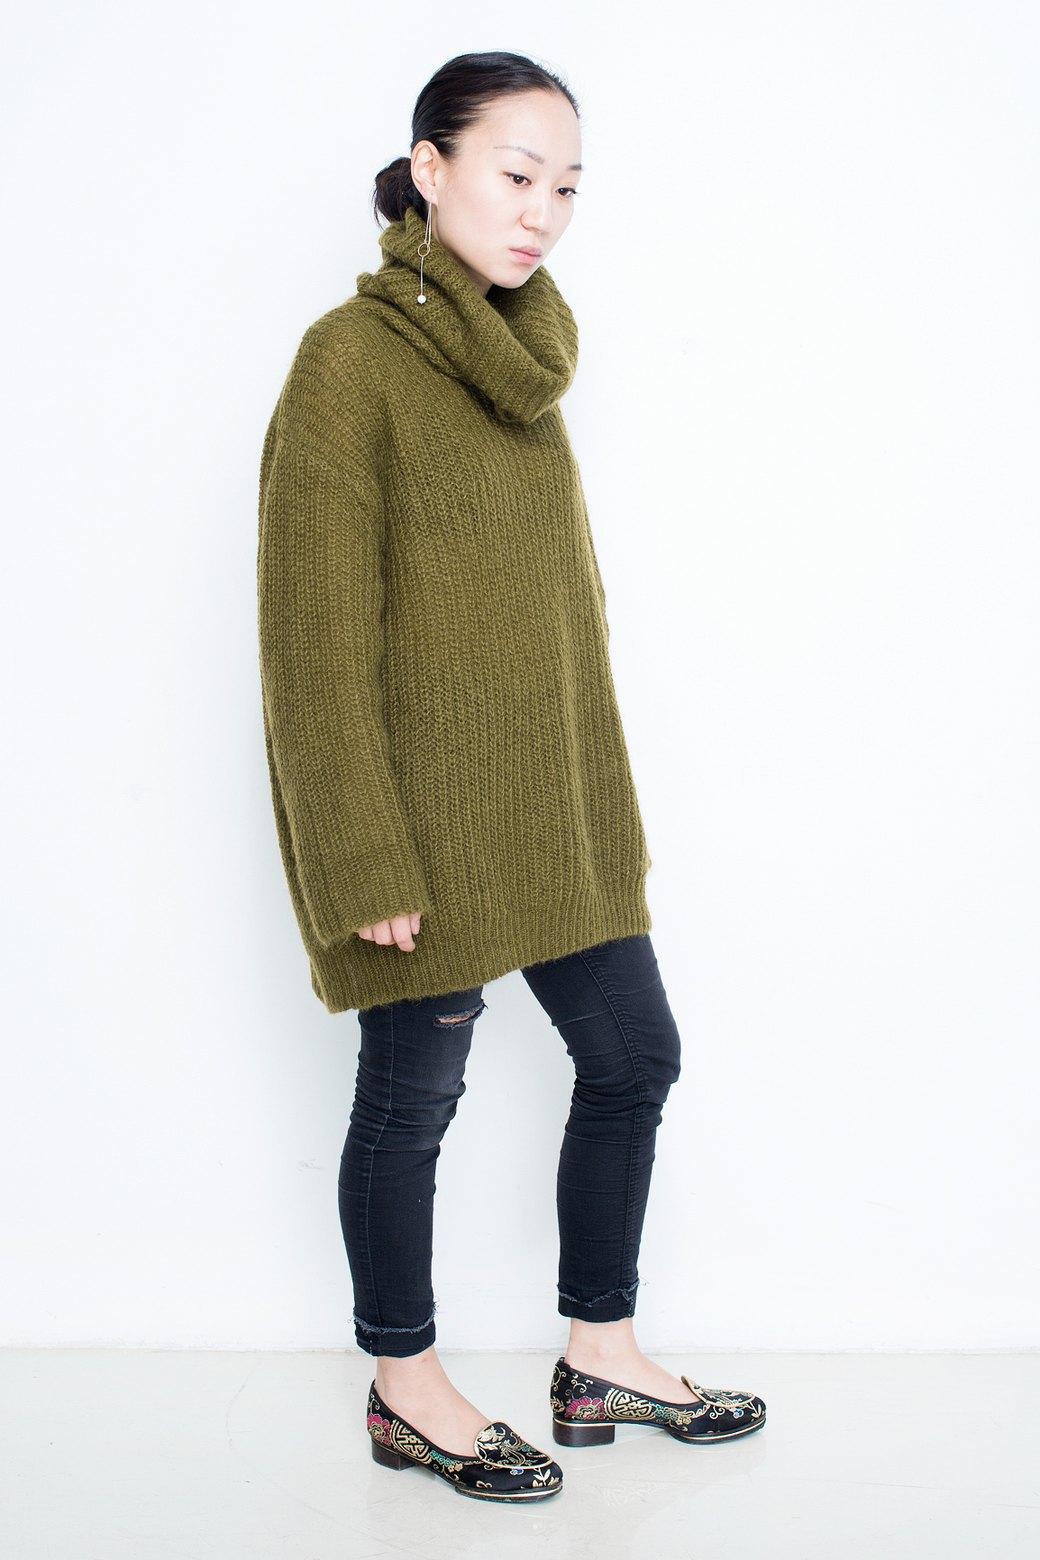 Дизайнер J.Kim Женя Ким о любимых нарядах. Изображение № 10.